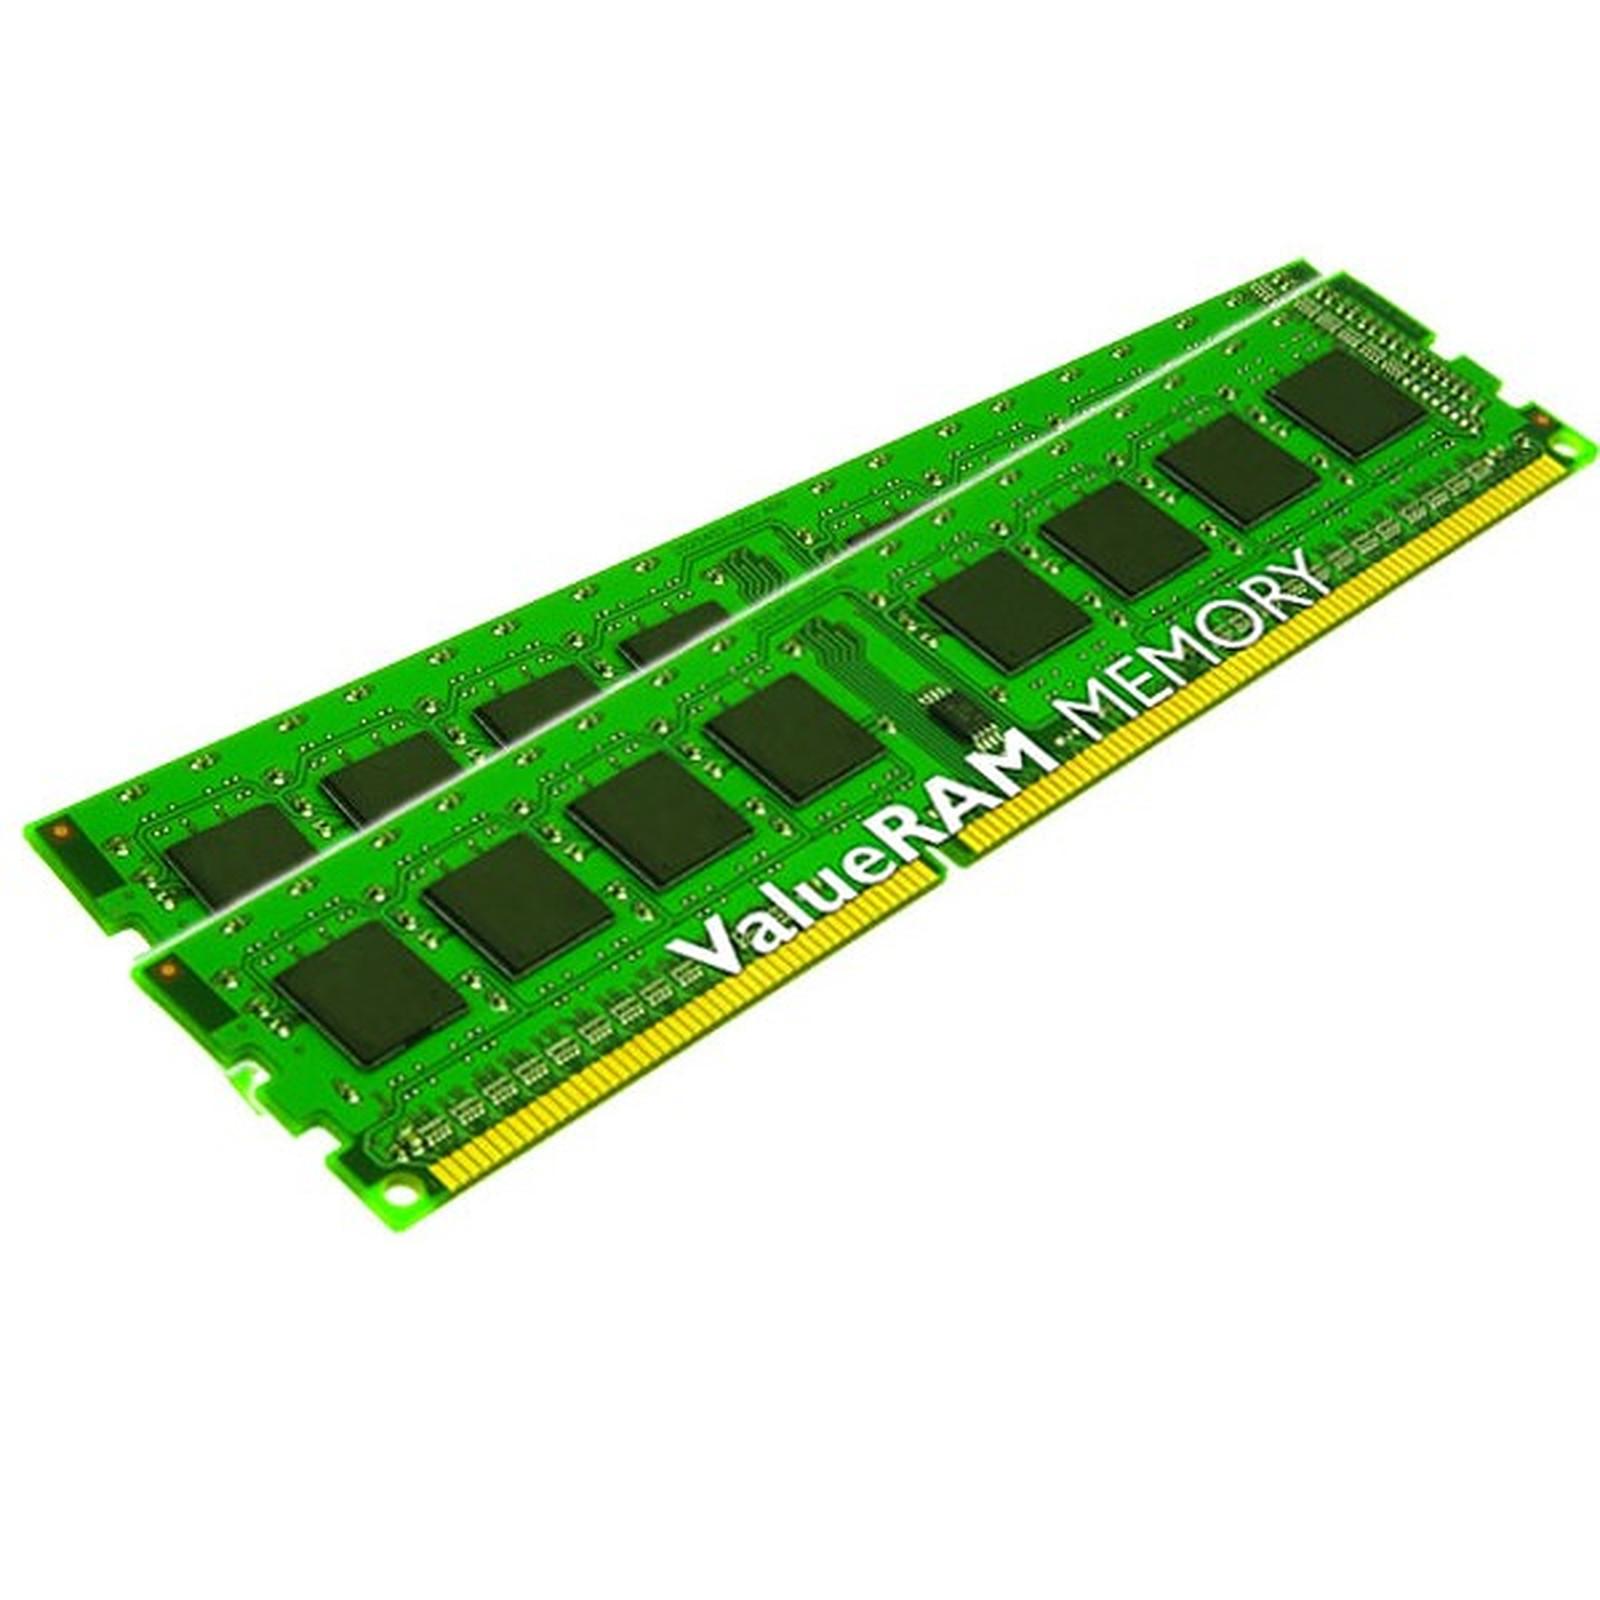 Kingston ValueRAM 16 Go (2x 8 Go) DDR3 1066 MHz ECC Registered CL7